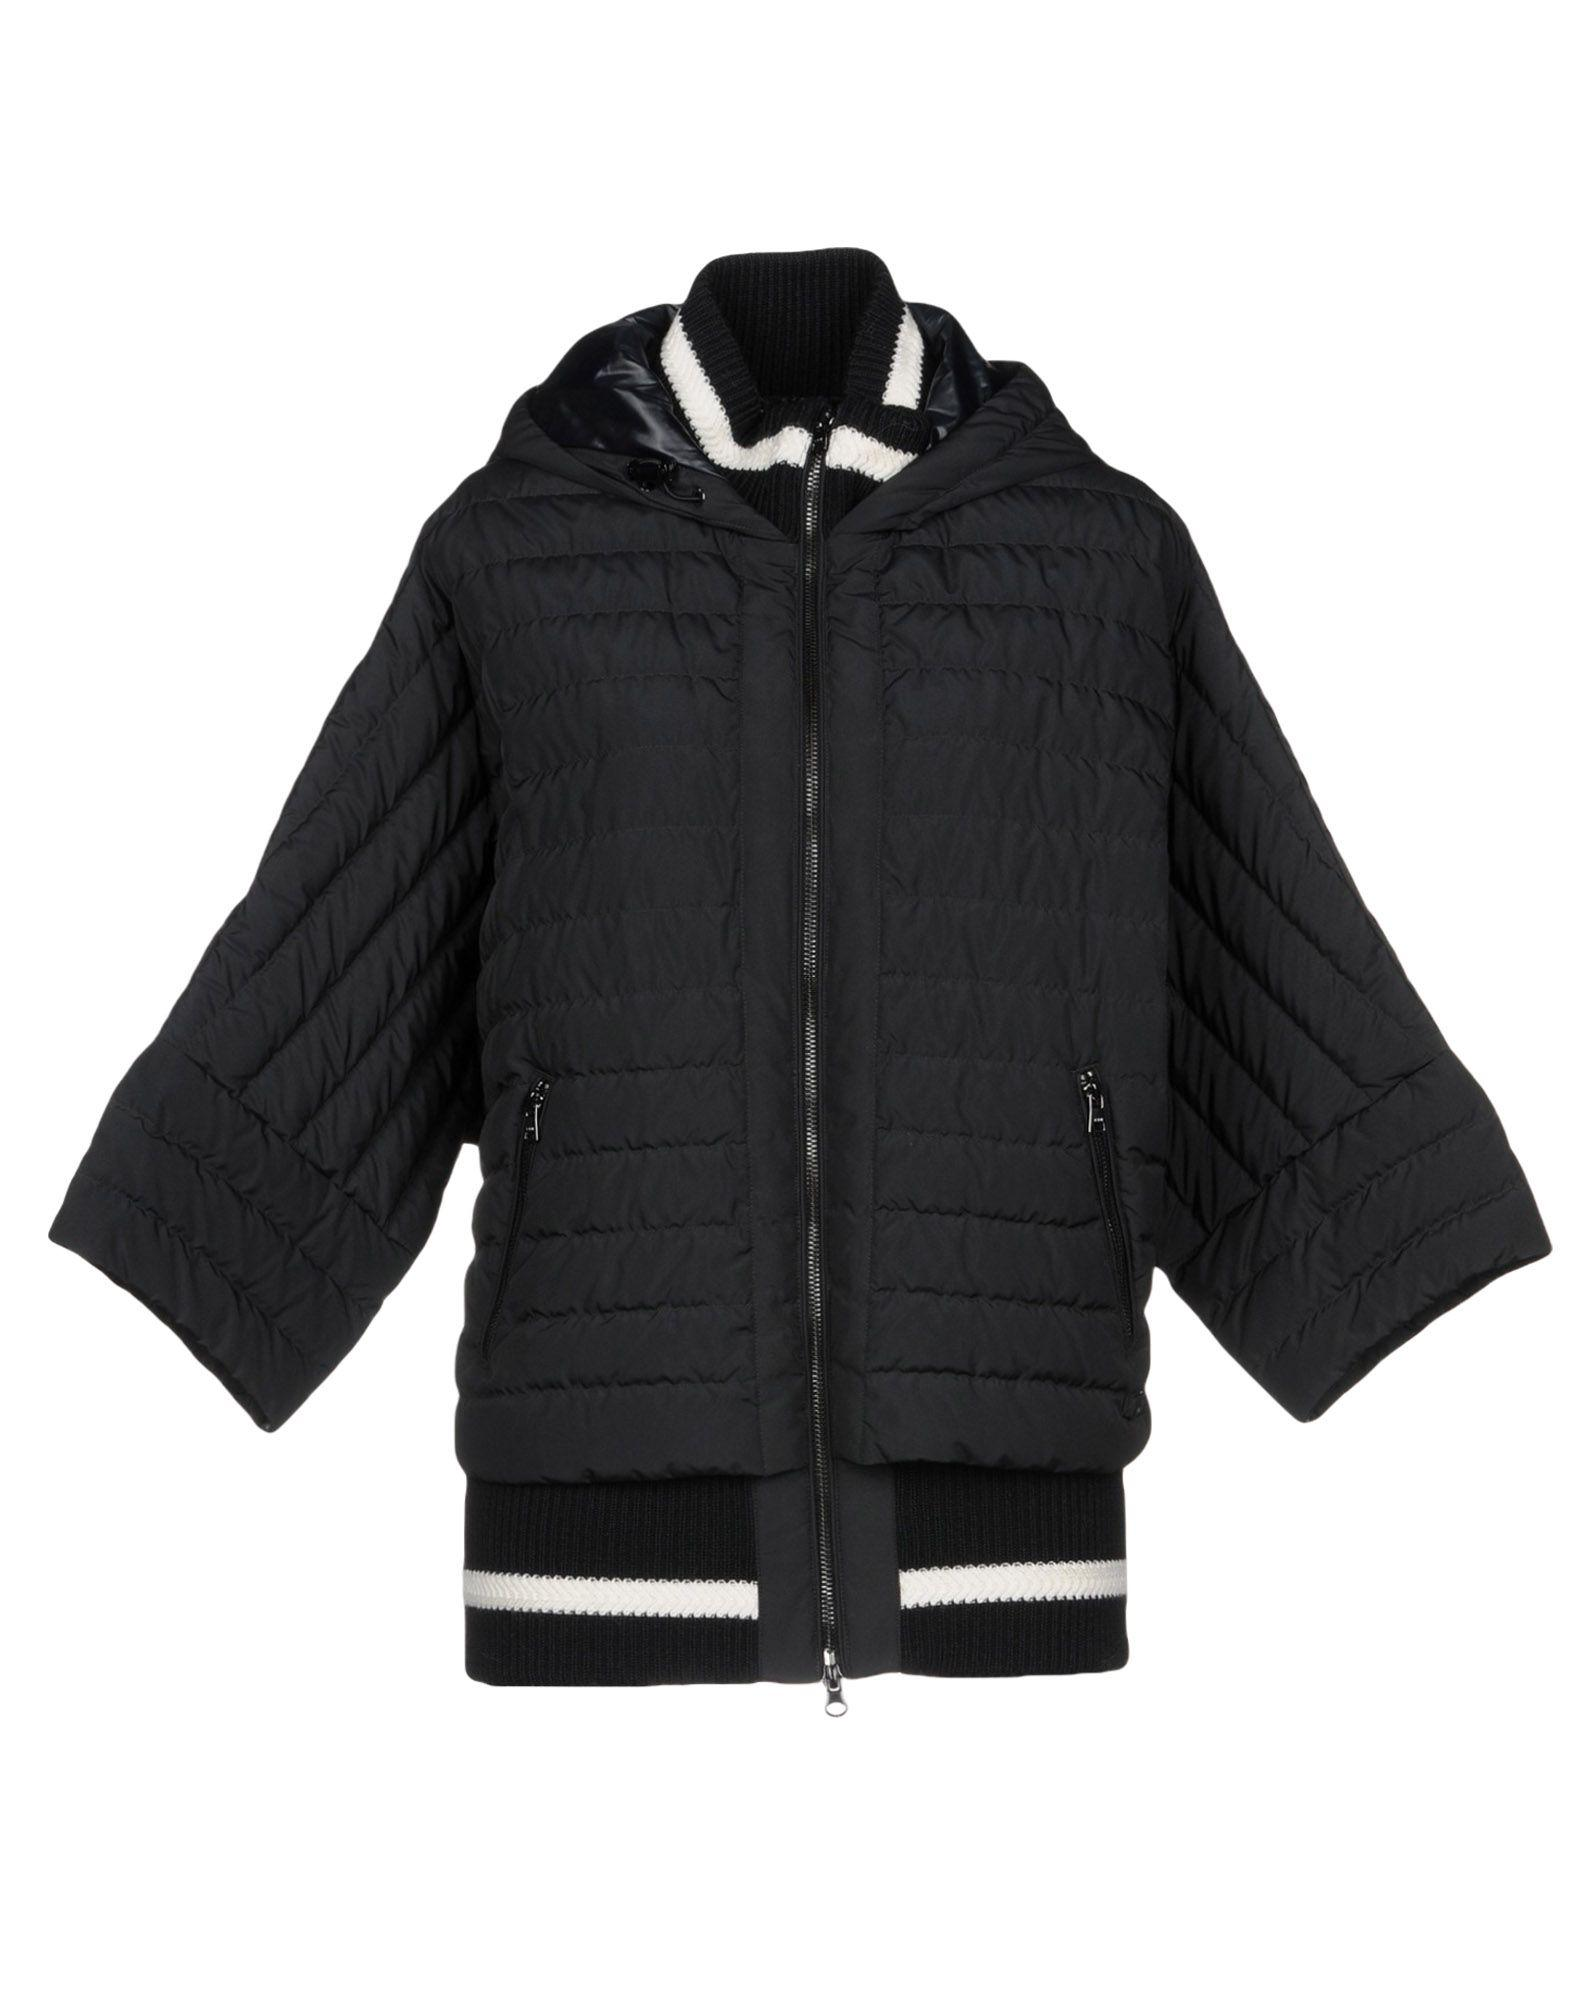 Bosideng Down Jackets In Black